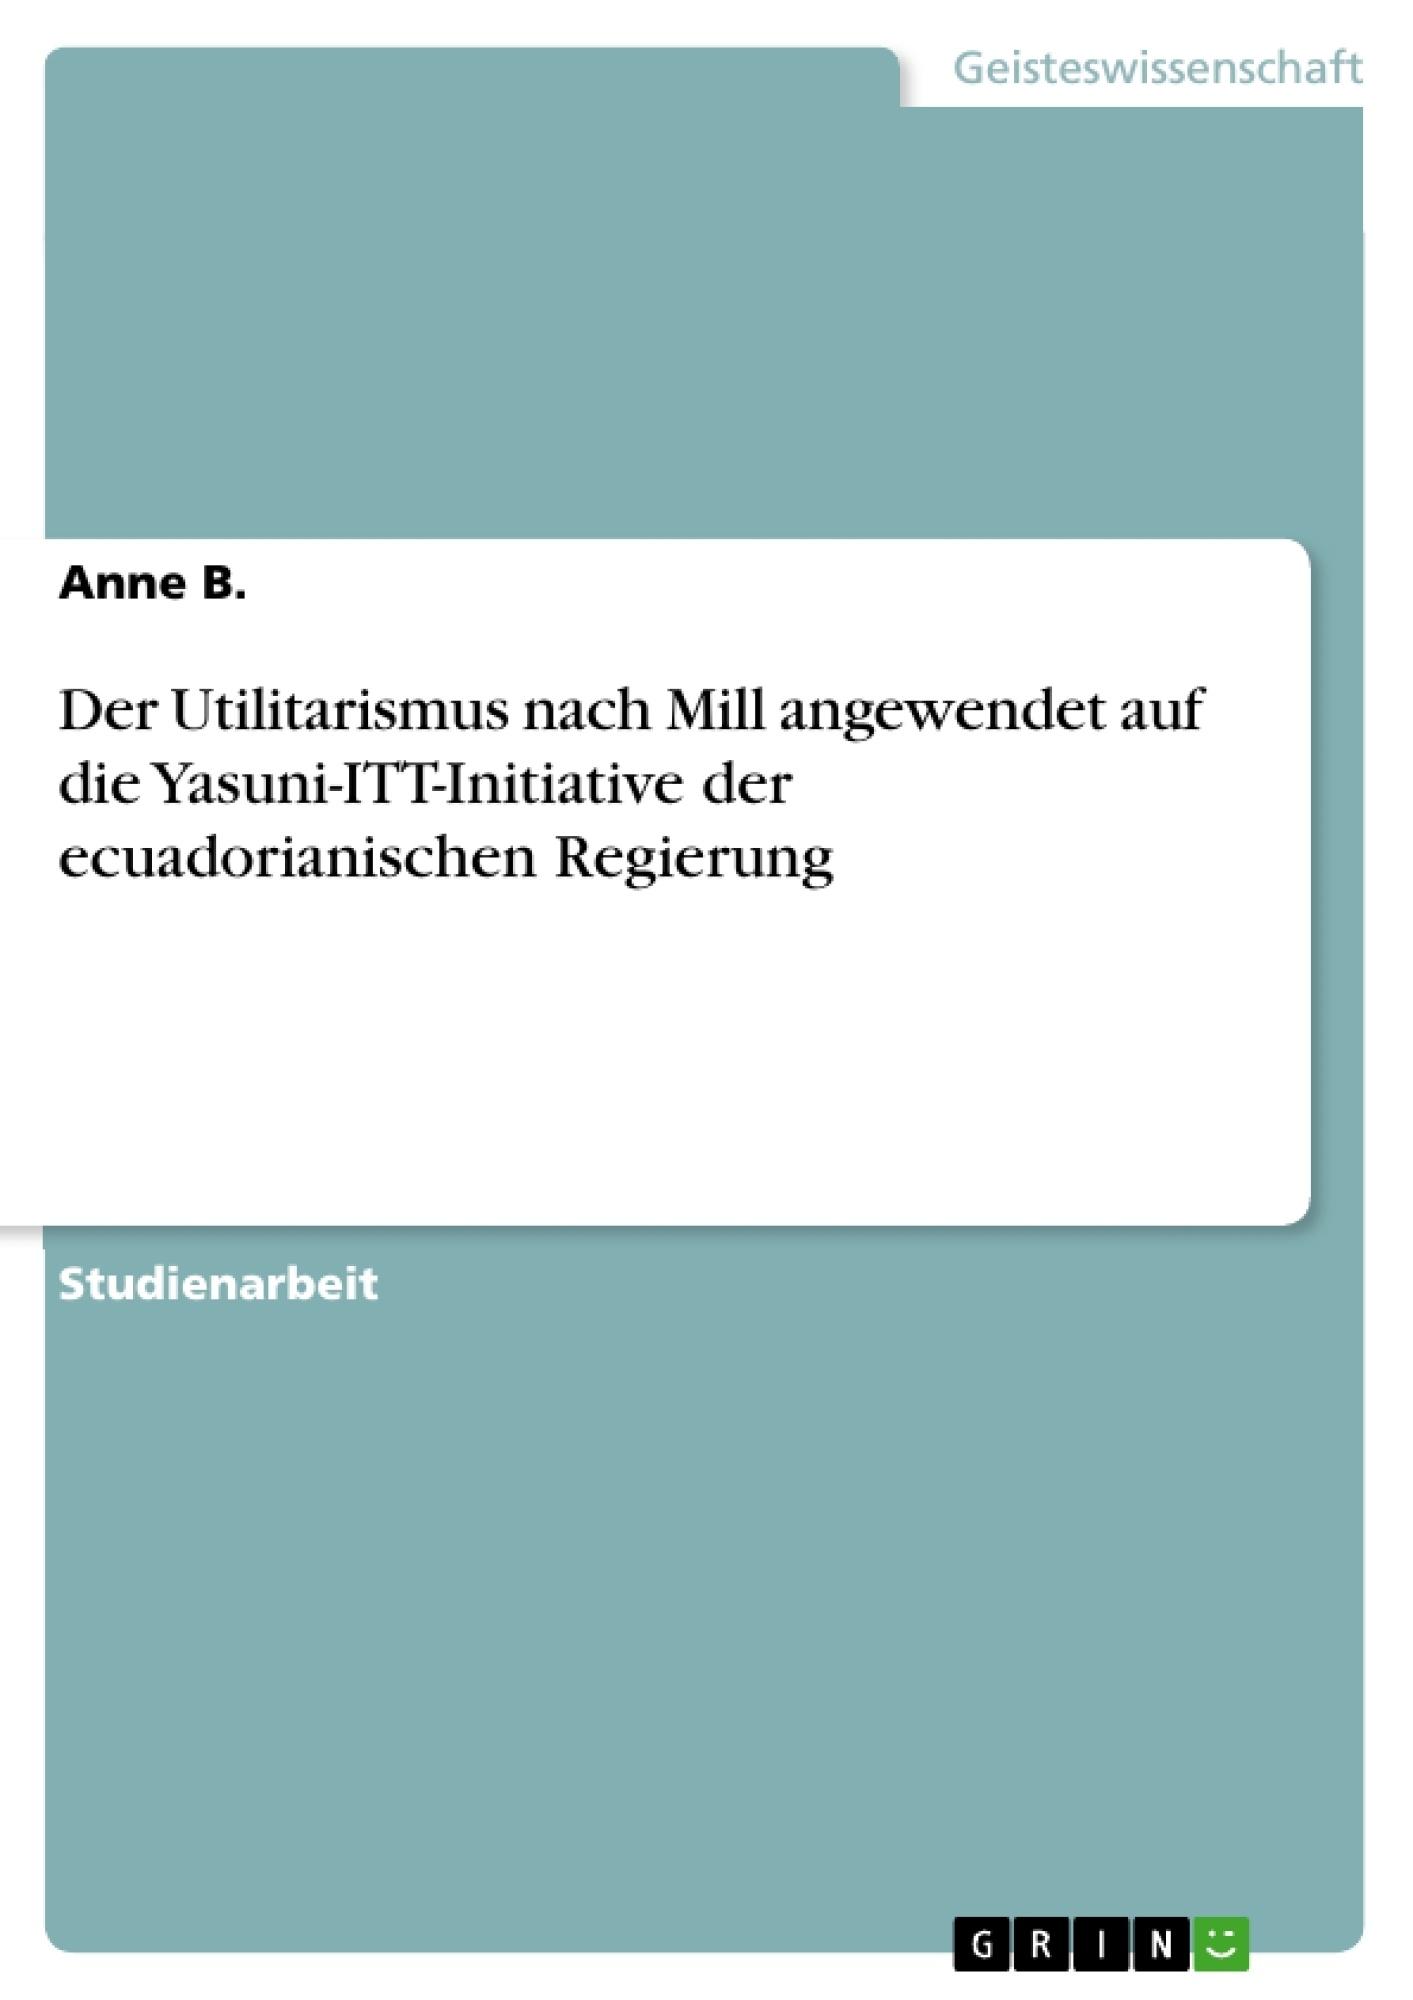 Titel: Der Utilitarismus nach Mill angewendet auf  die Yasuni-ITT-Initiative  der ecuadorianischen Regierung